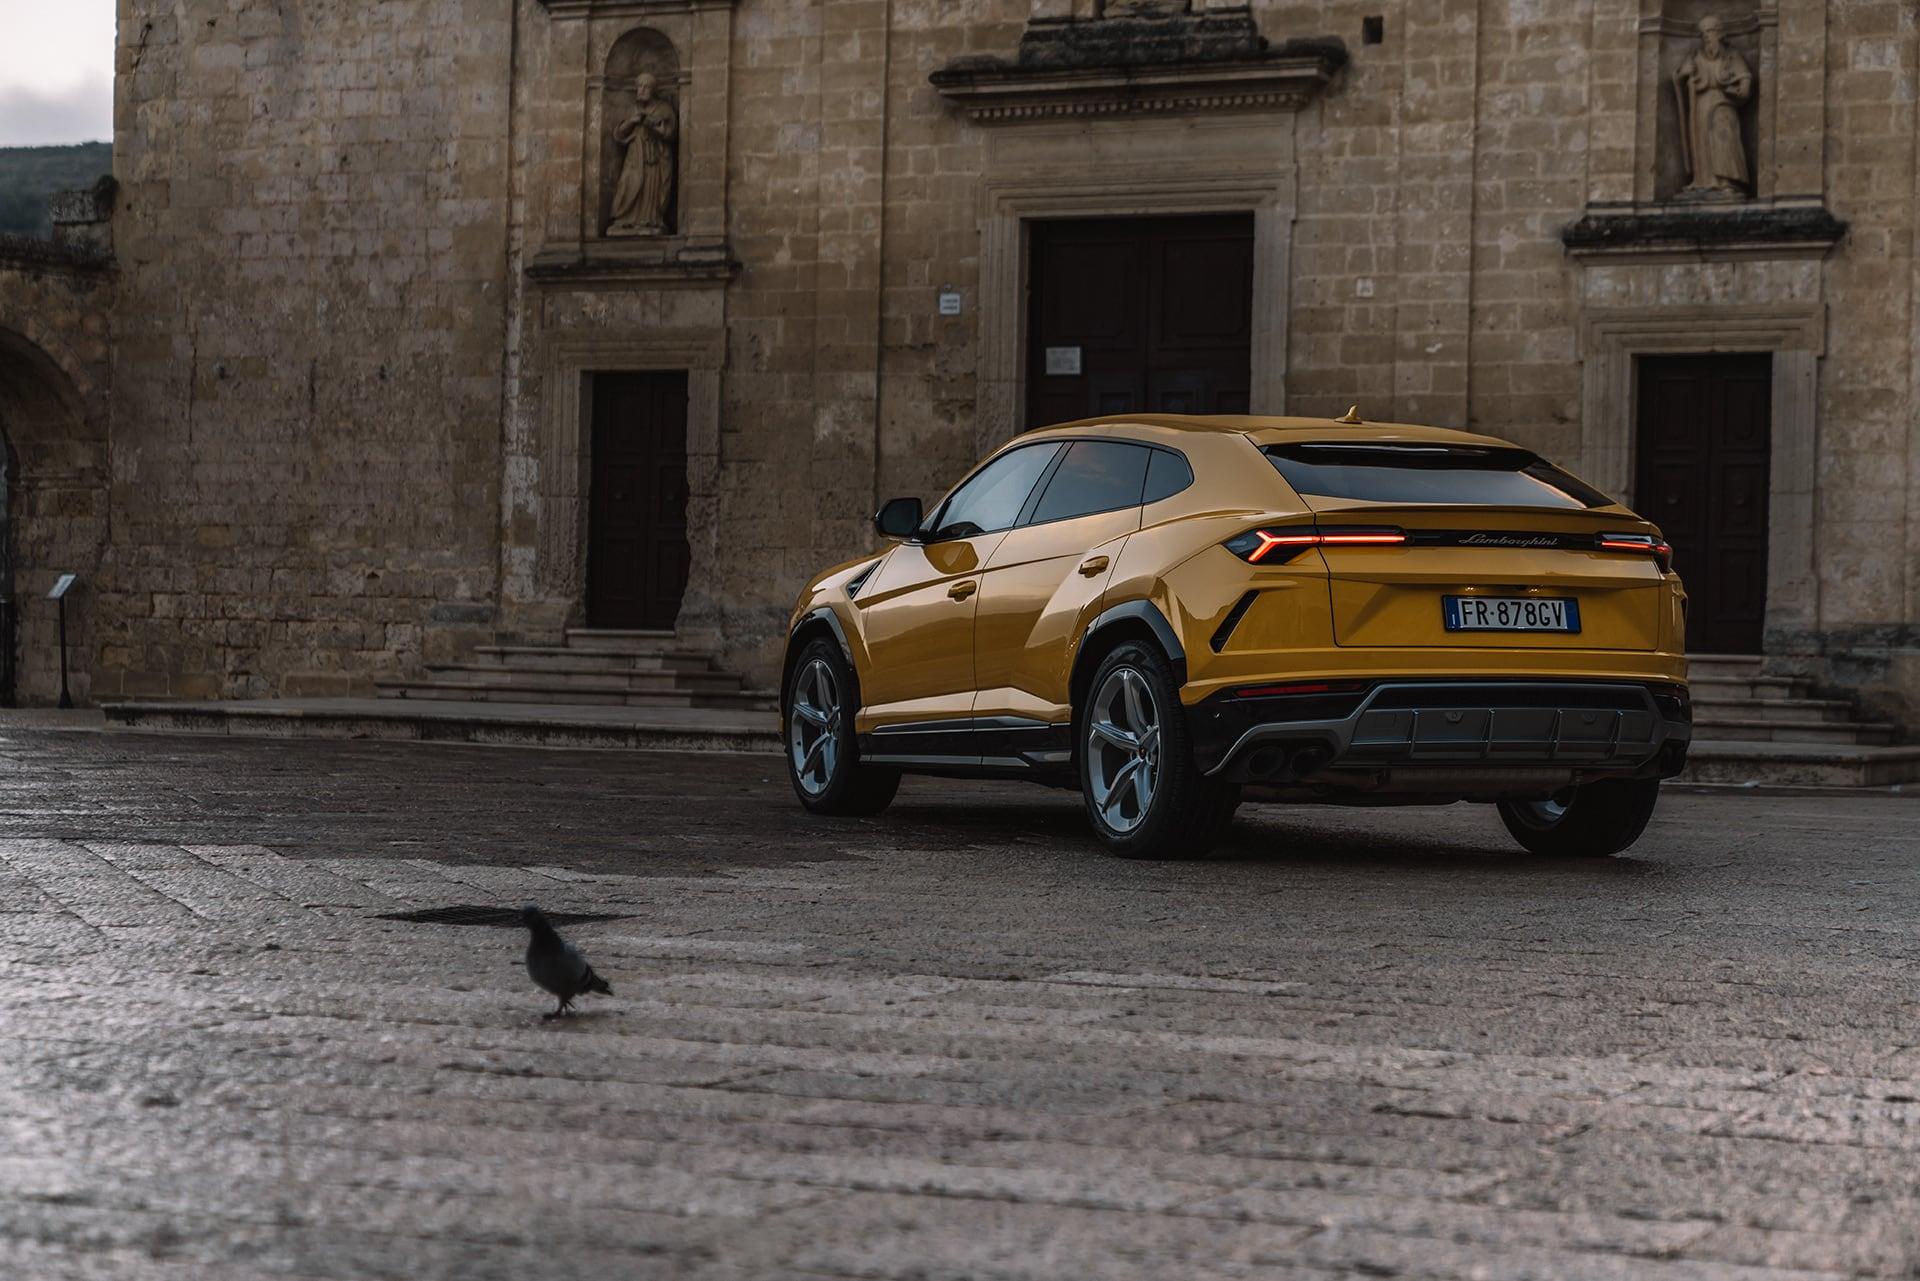 Mit dem Lamborghini Urus durch die wiederentdeckte Stadt Matera 8